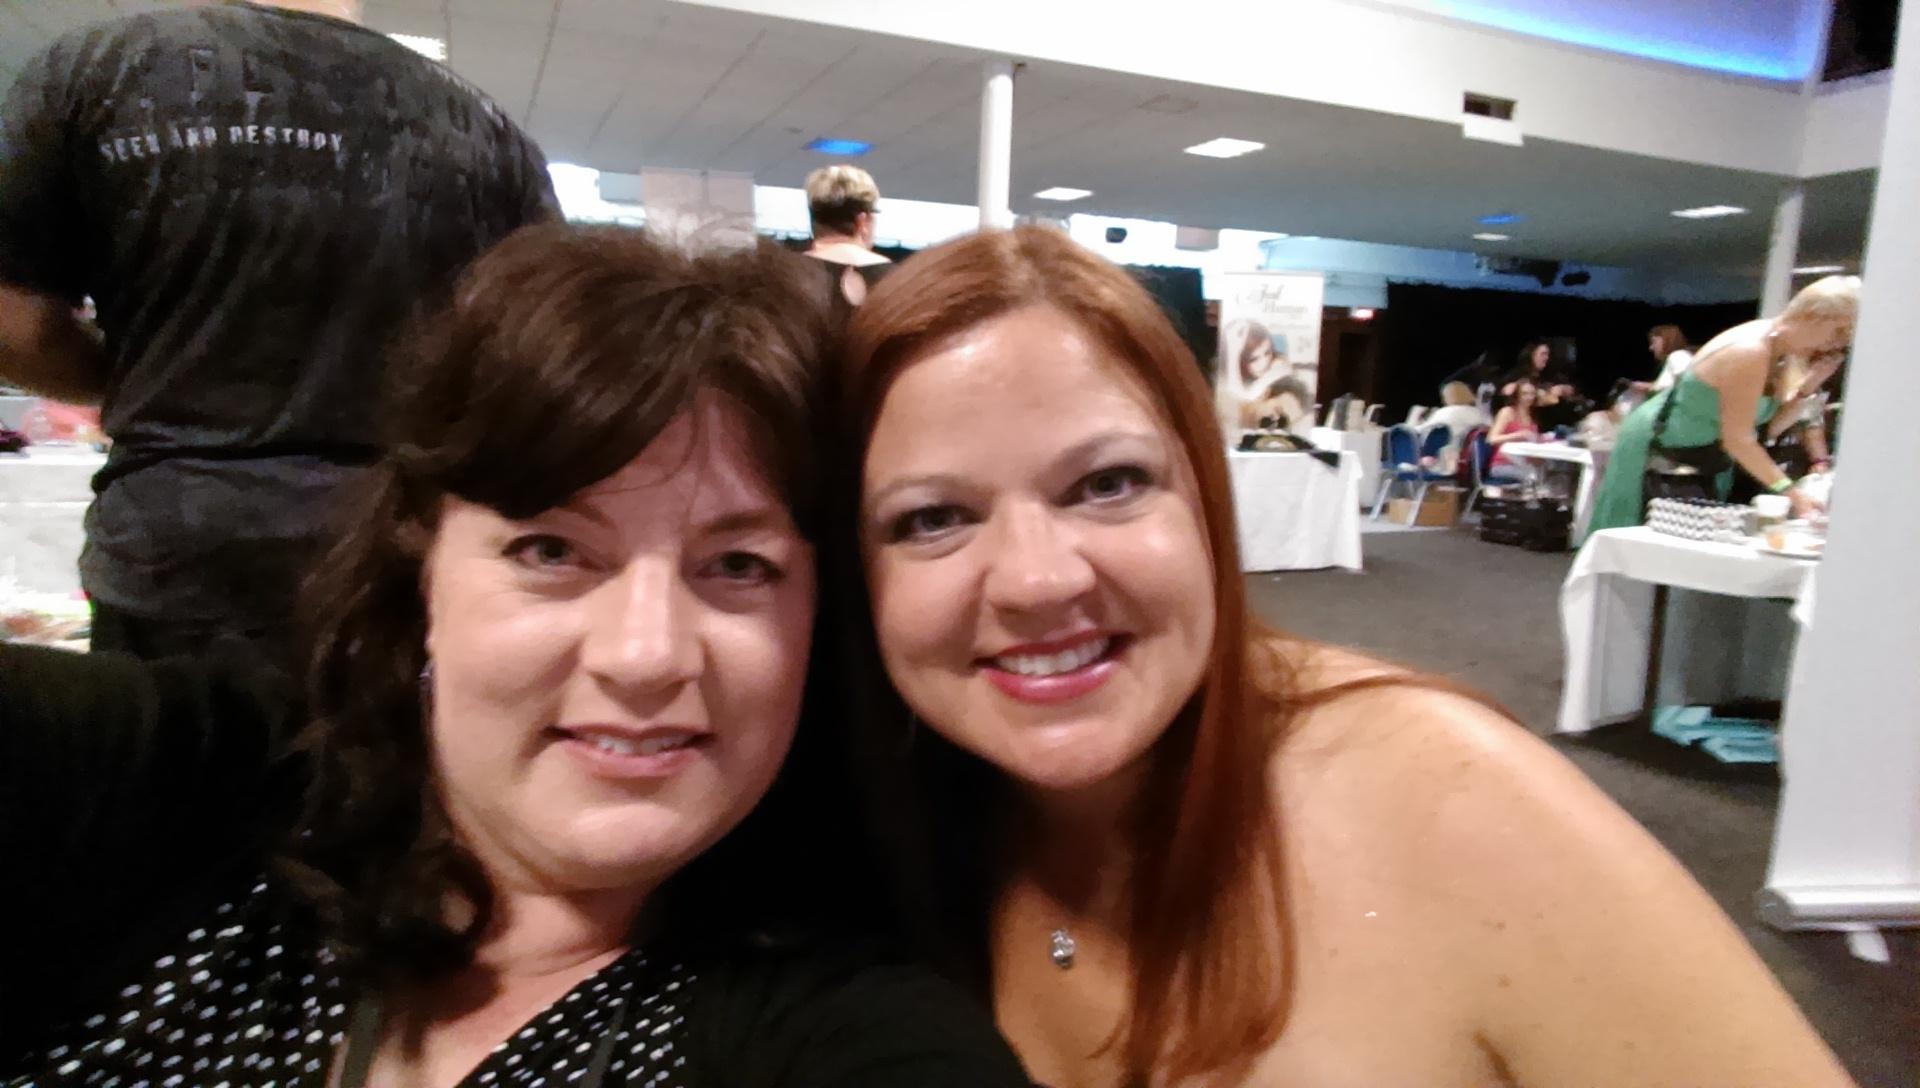 With Jill Patten